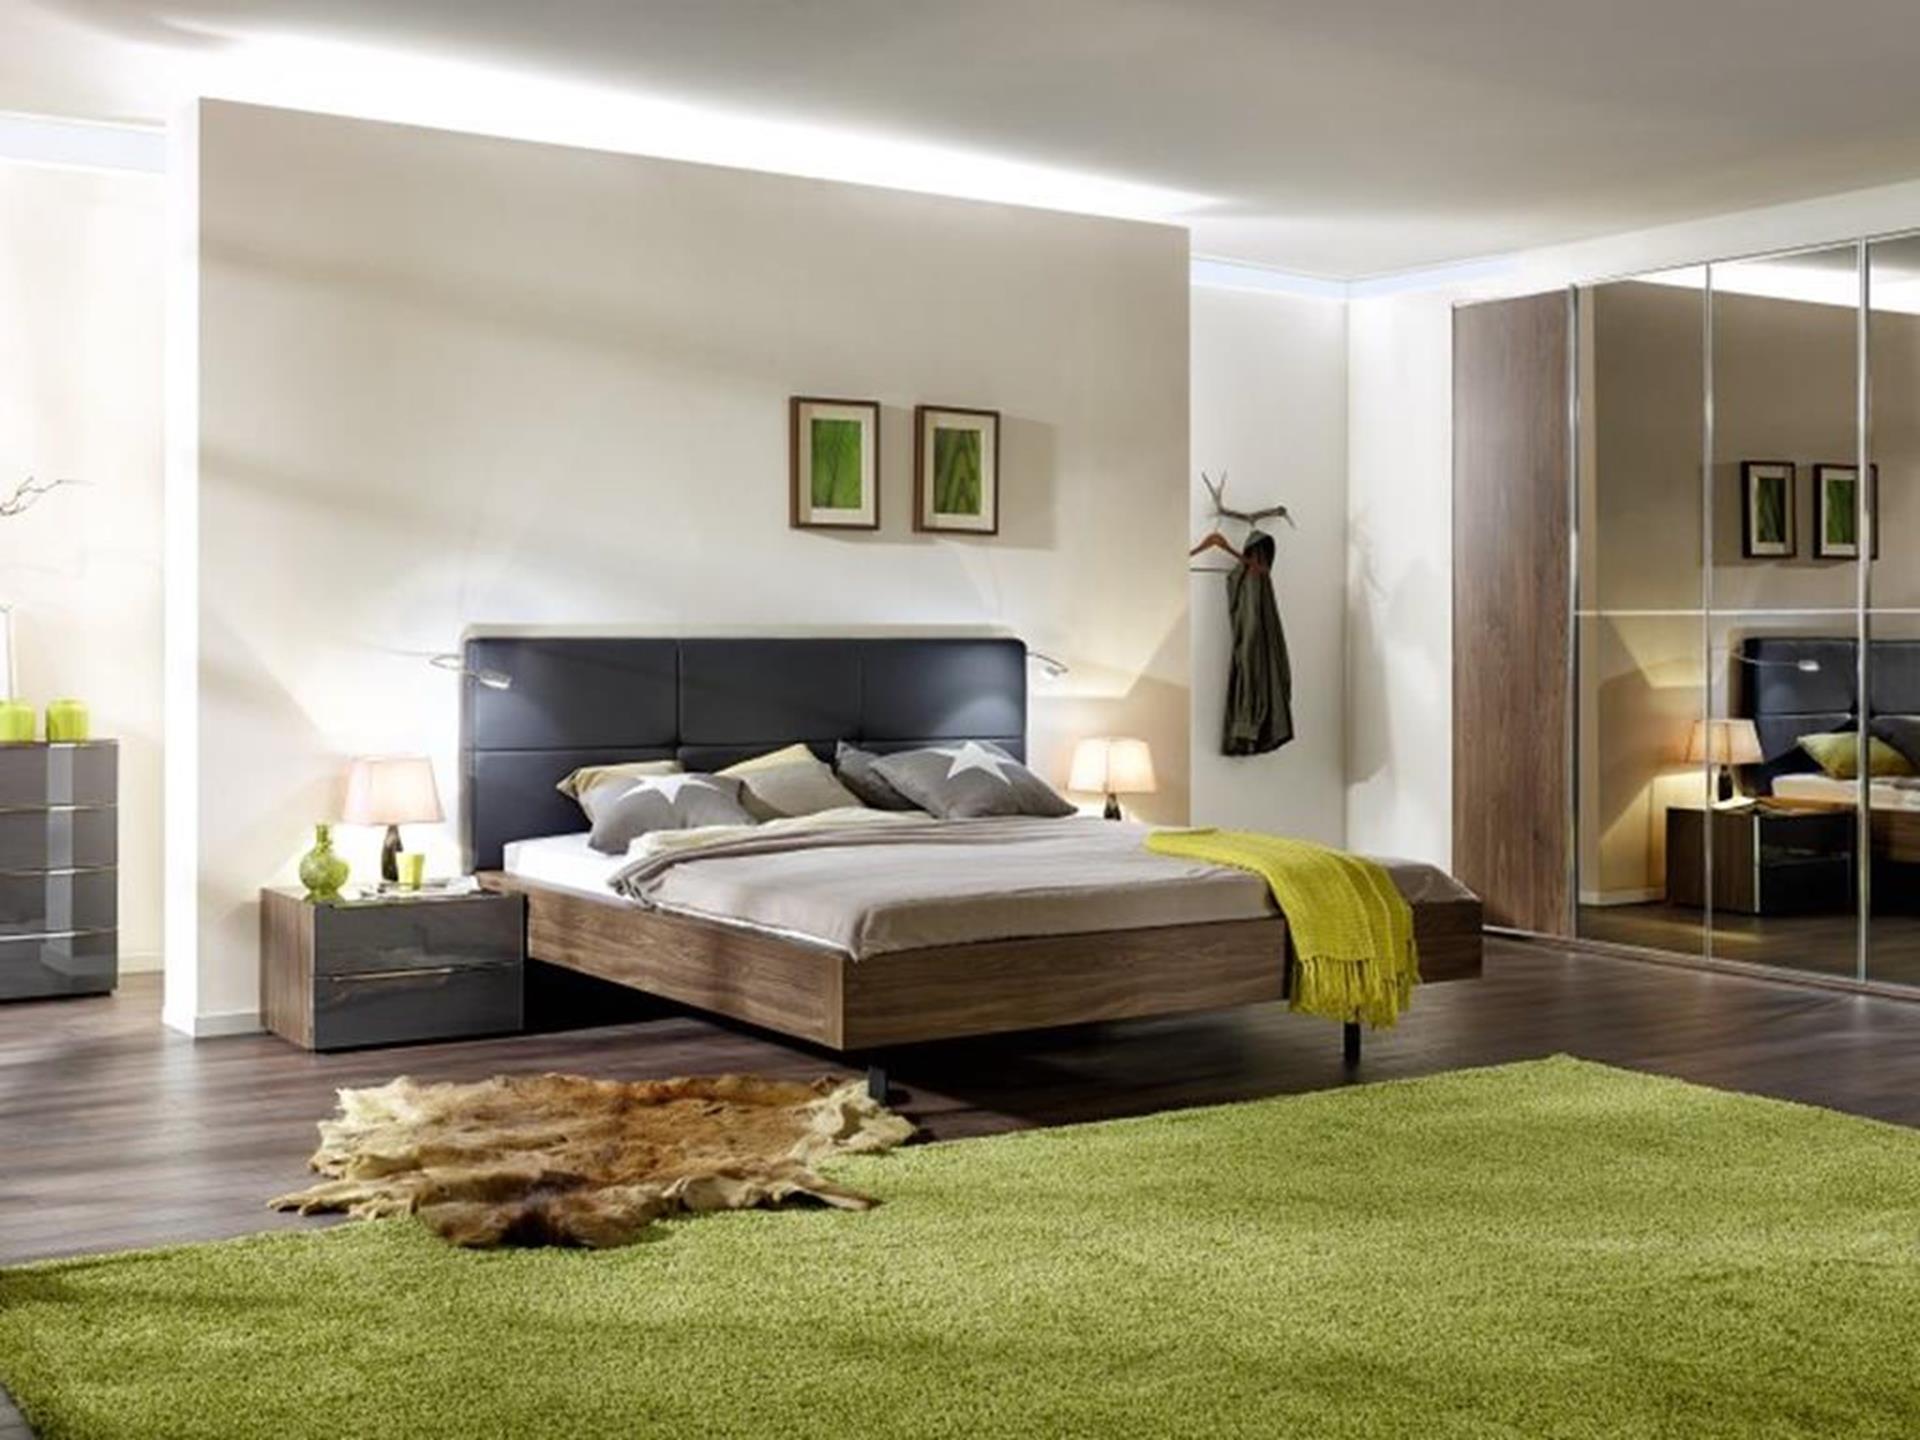 nolte sypialnia z łóżkiem i szafą